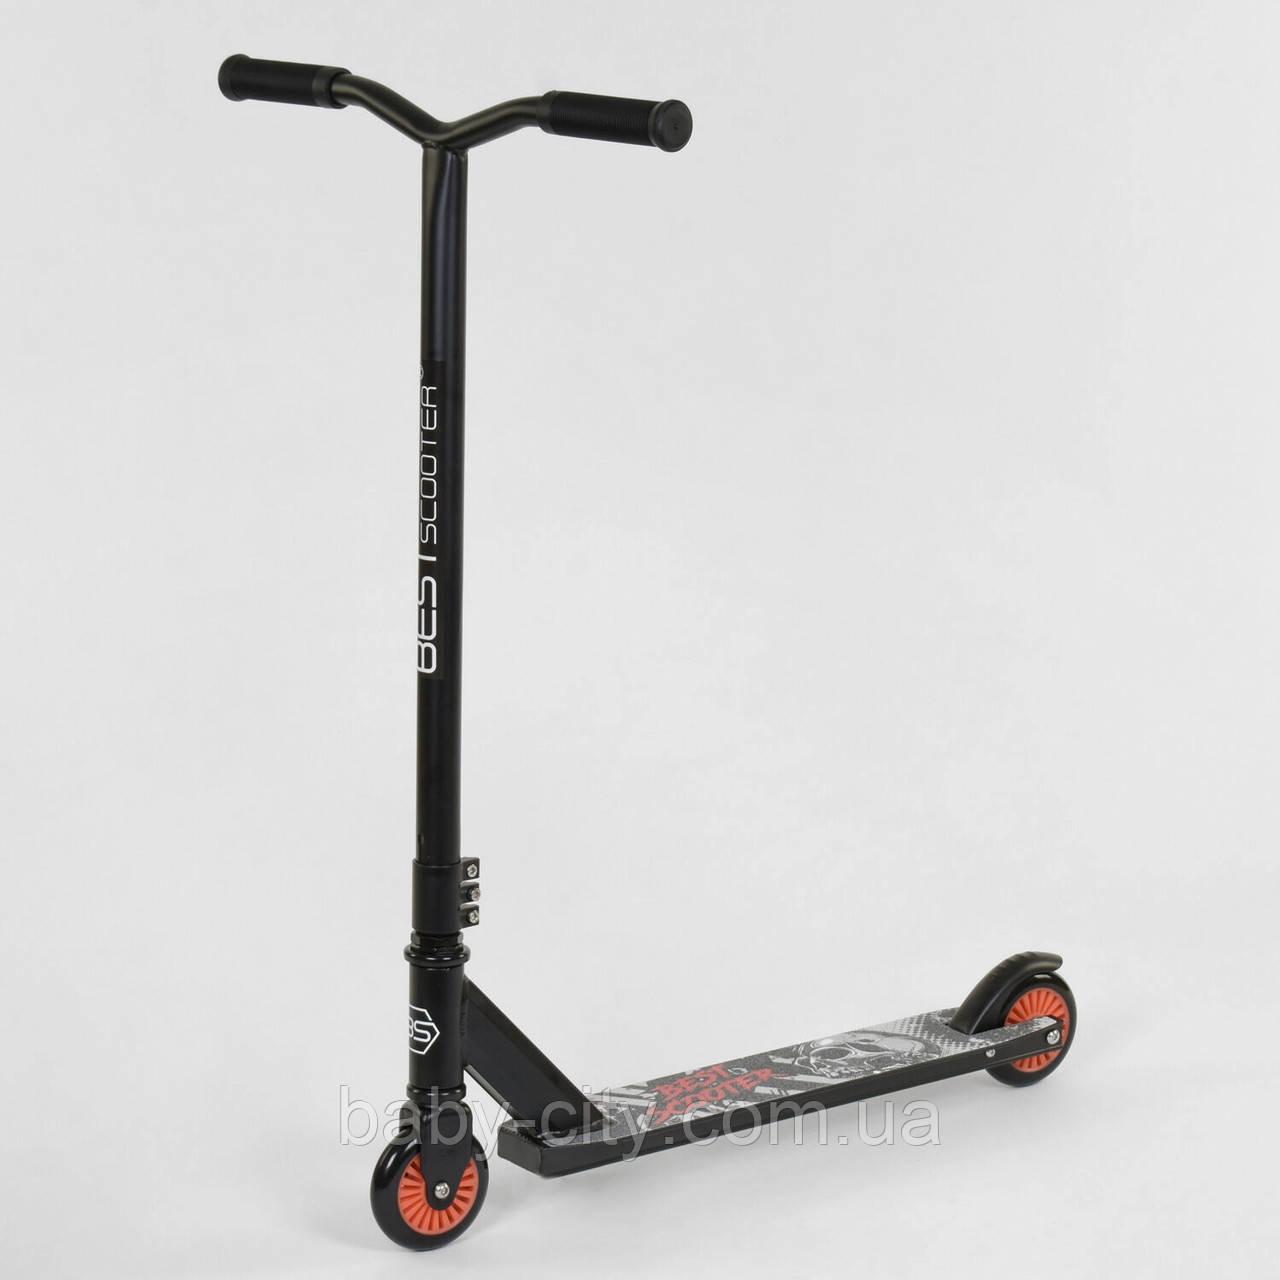 Самокат трюковый Best Scooter 70329 Черно-Красный